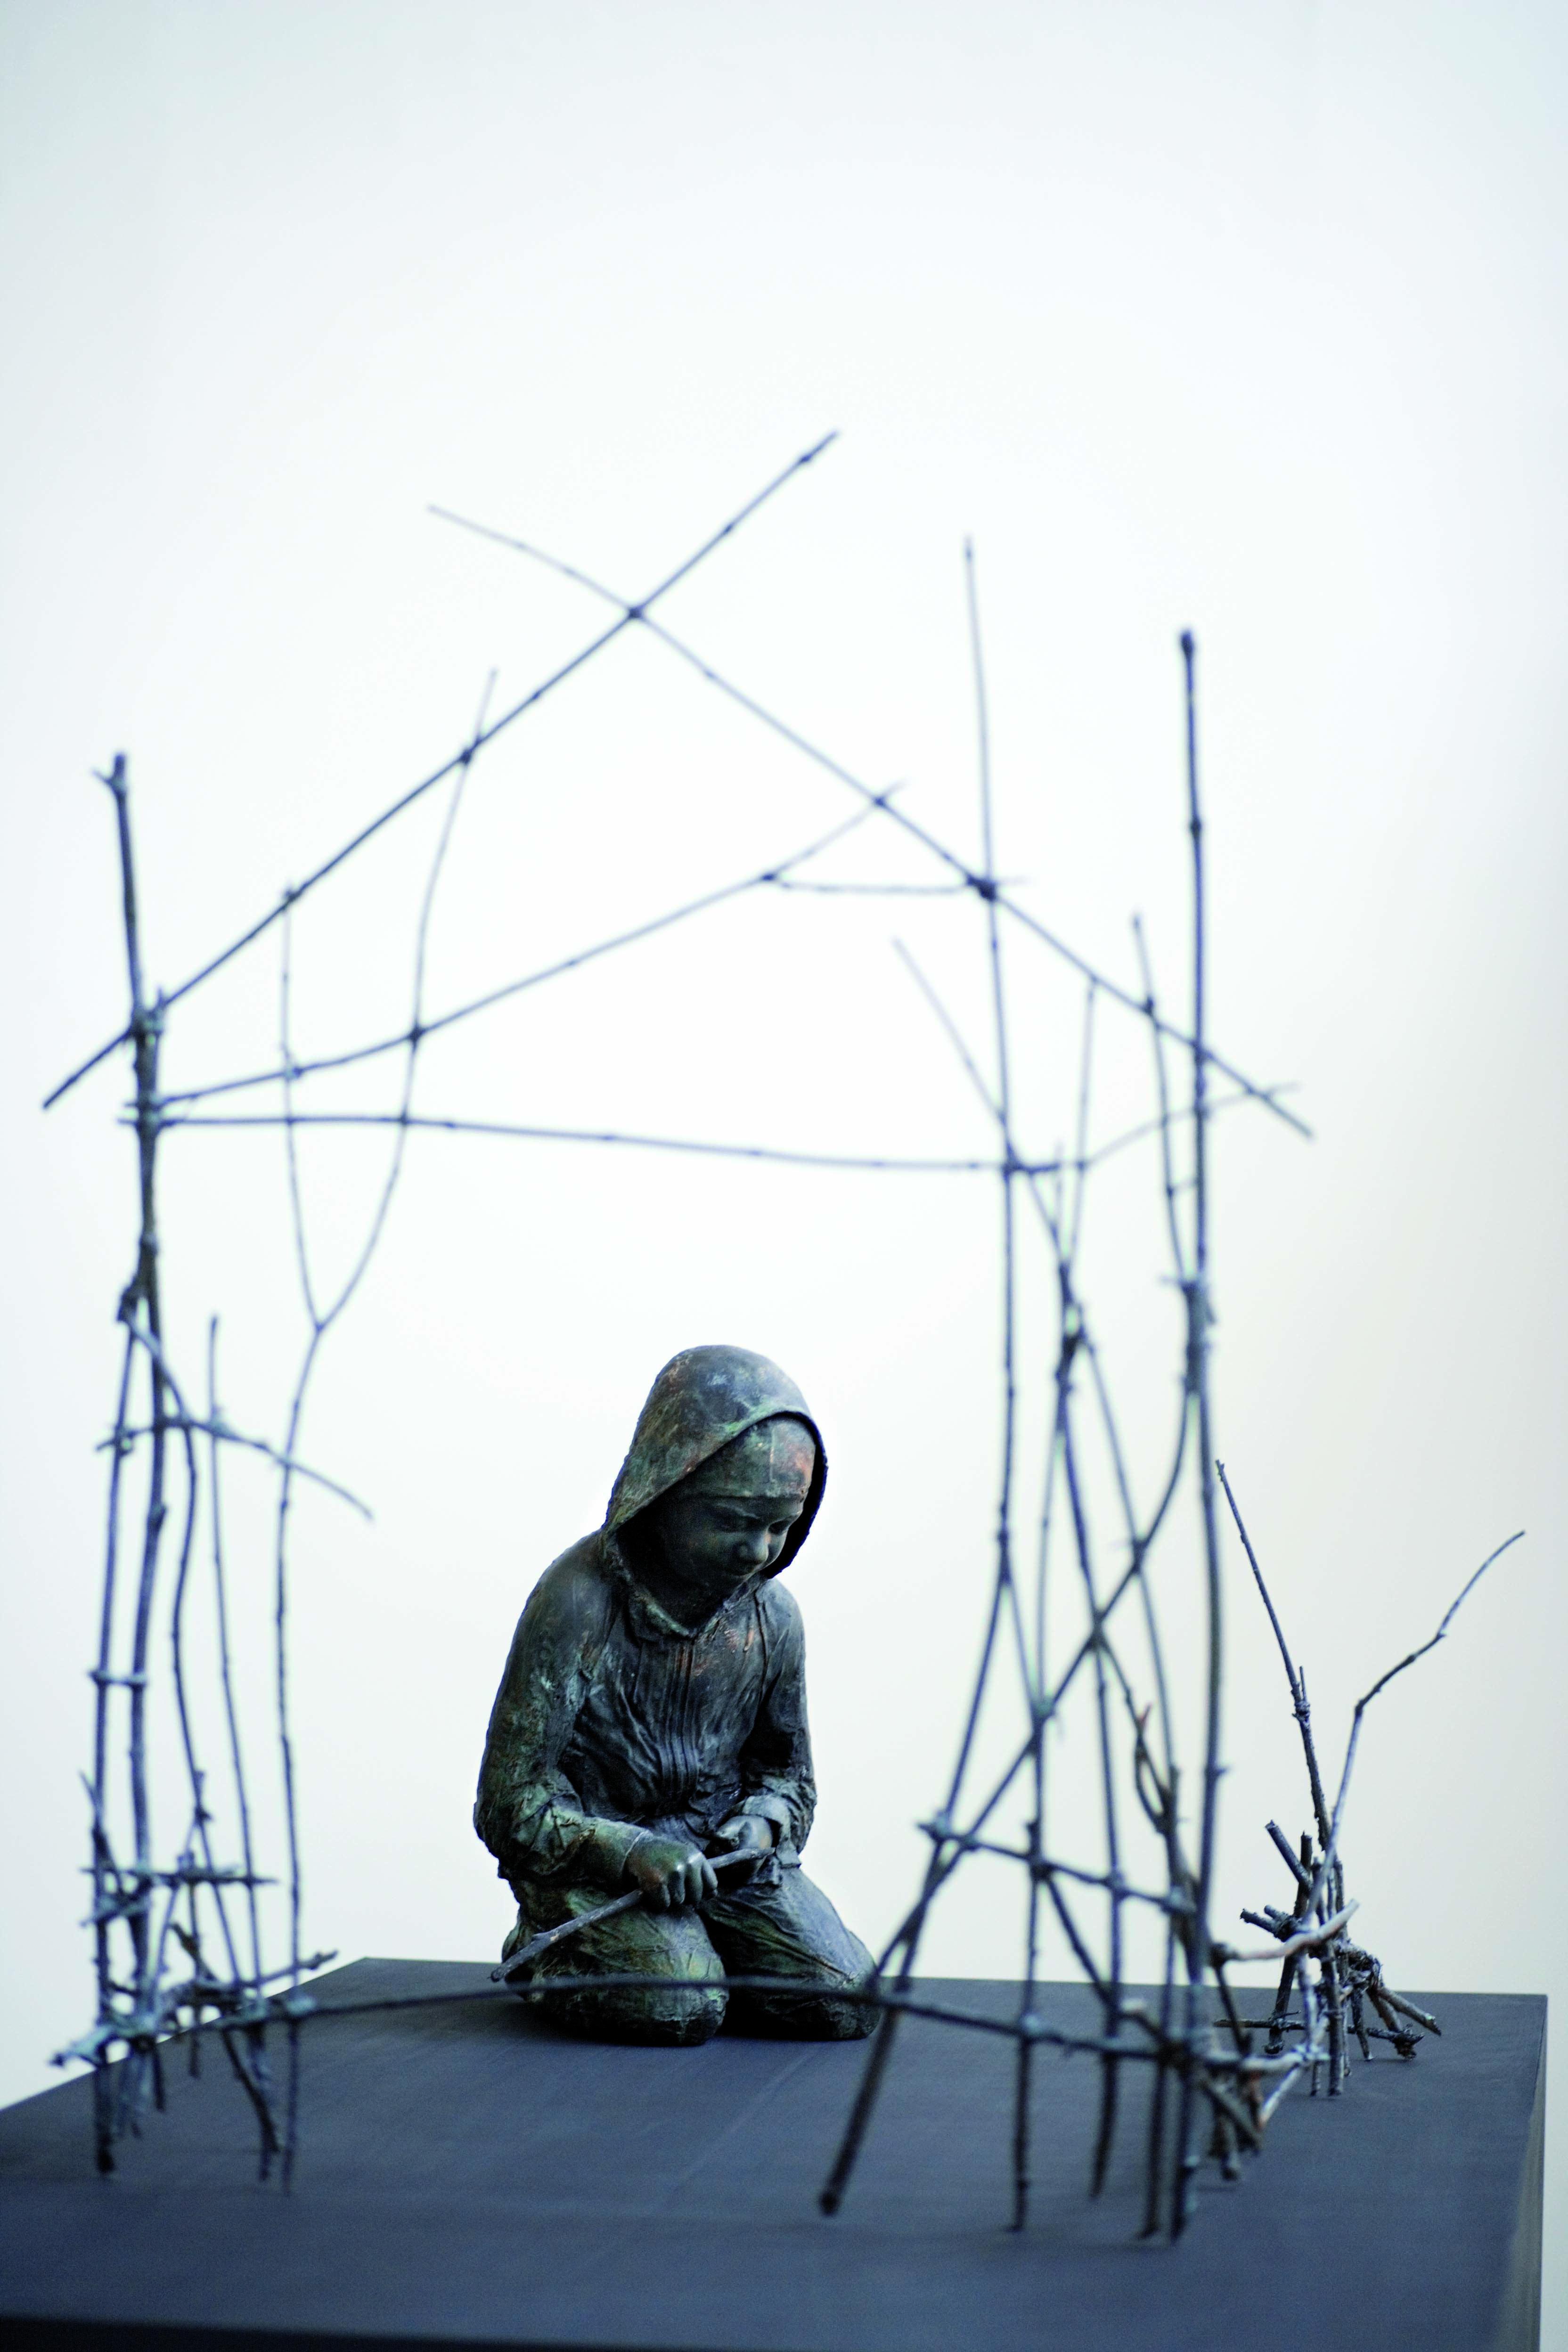 Alexandra Ellis, Visning av Knutte Westers utställning